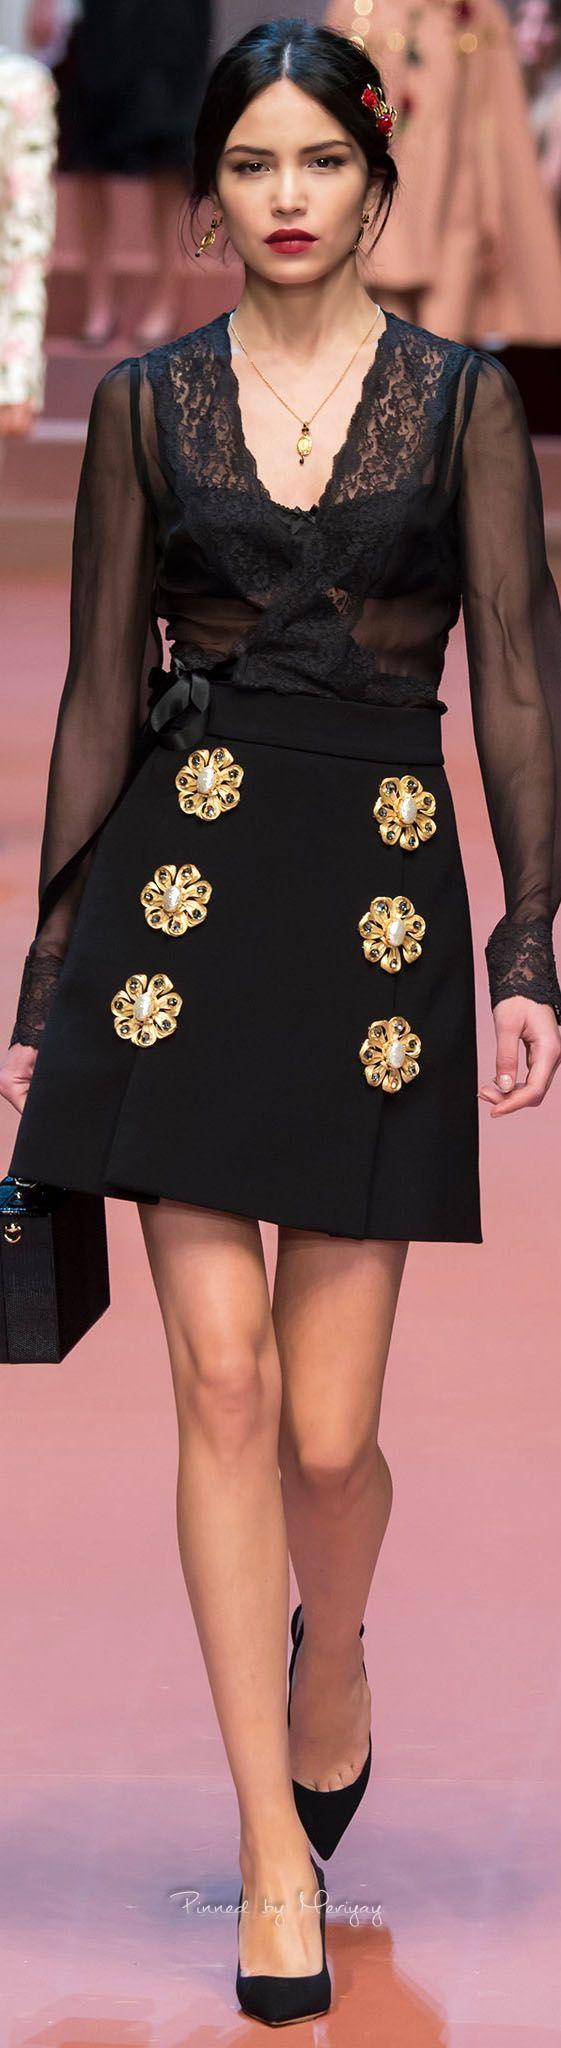 Dolce & Gabbana, fall 2015.